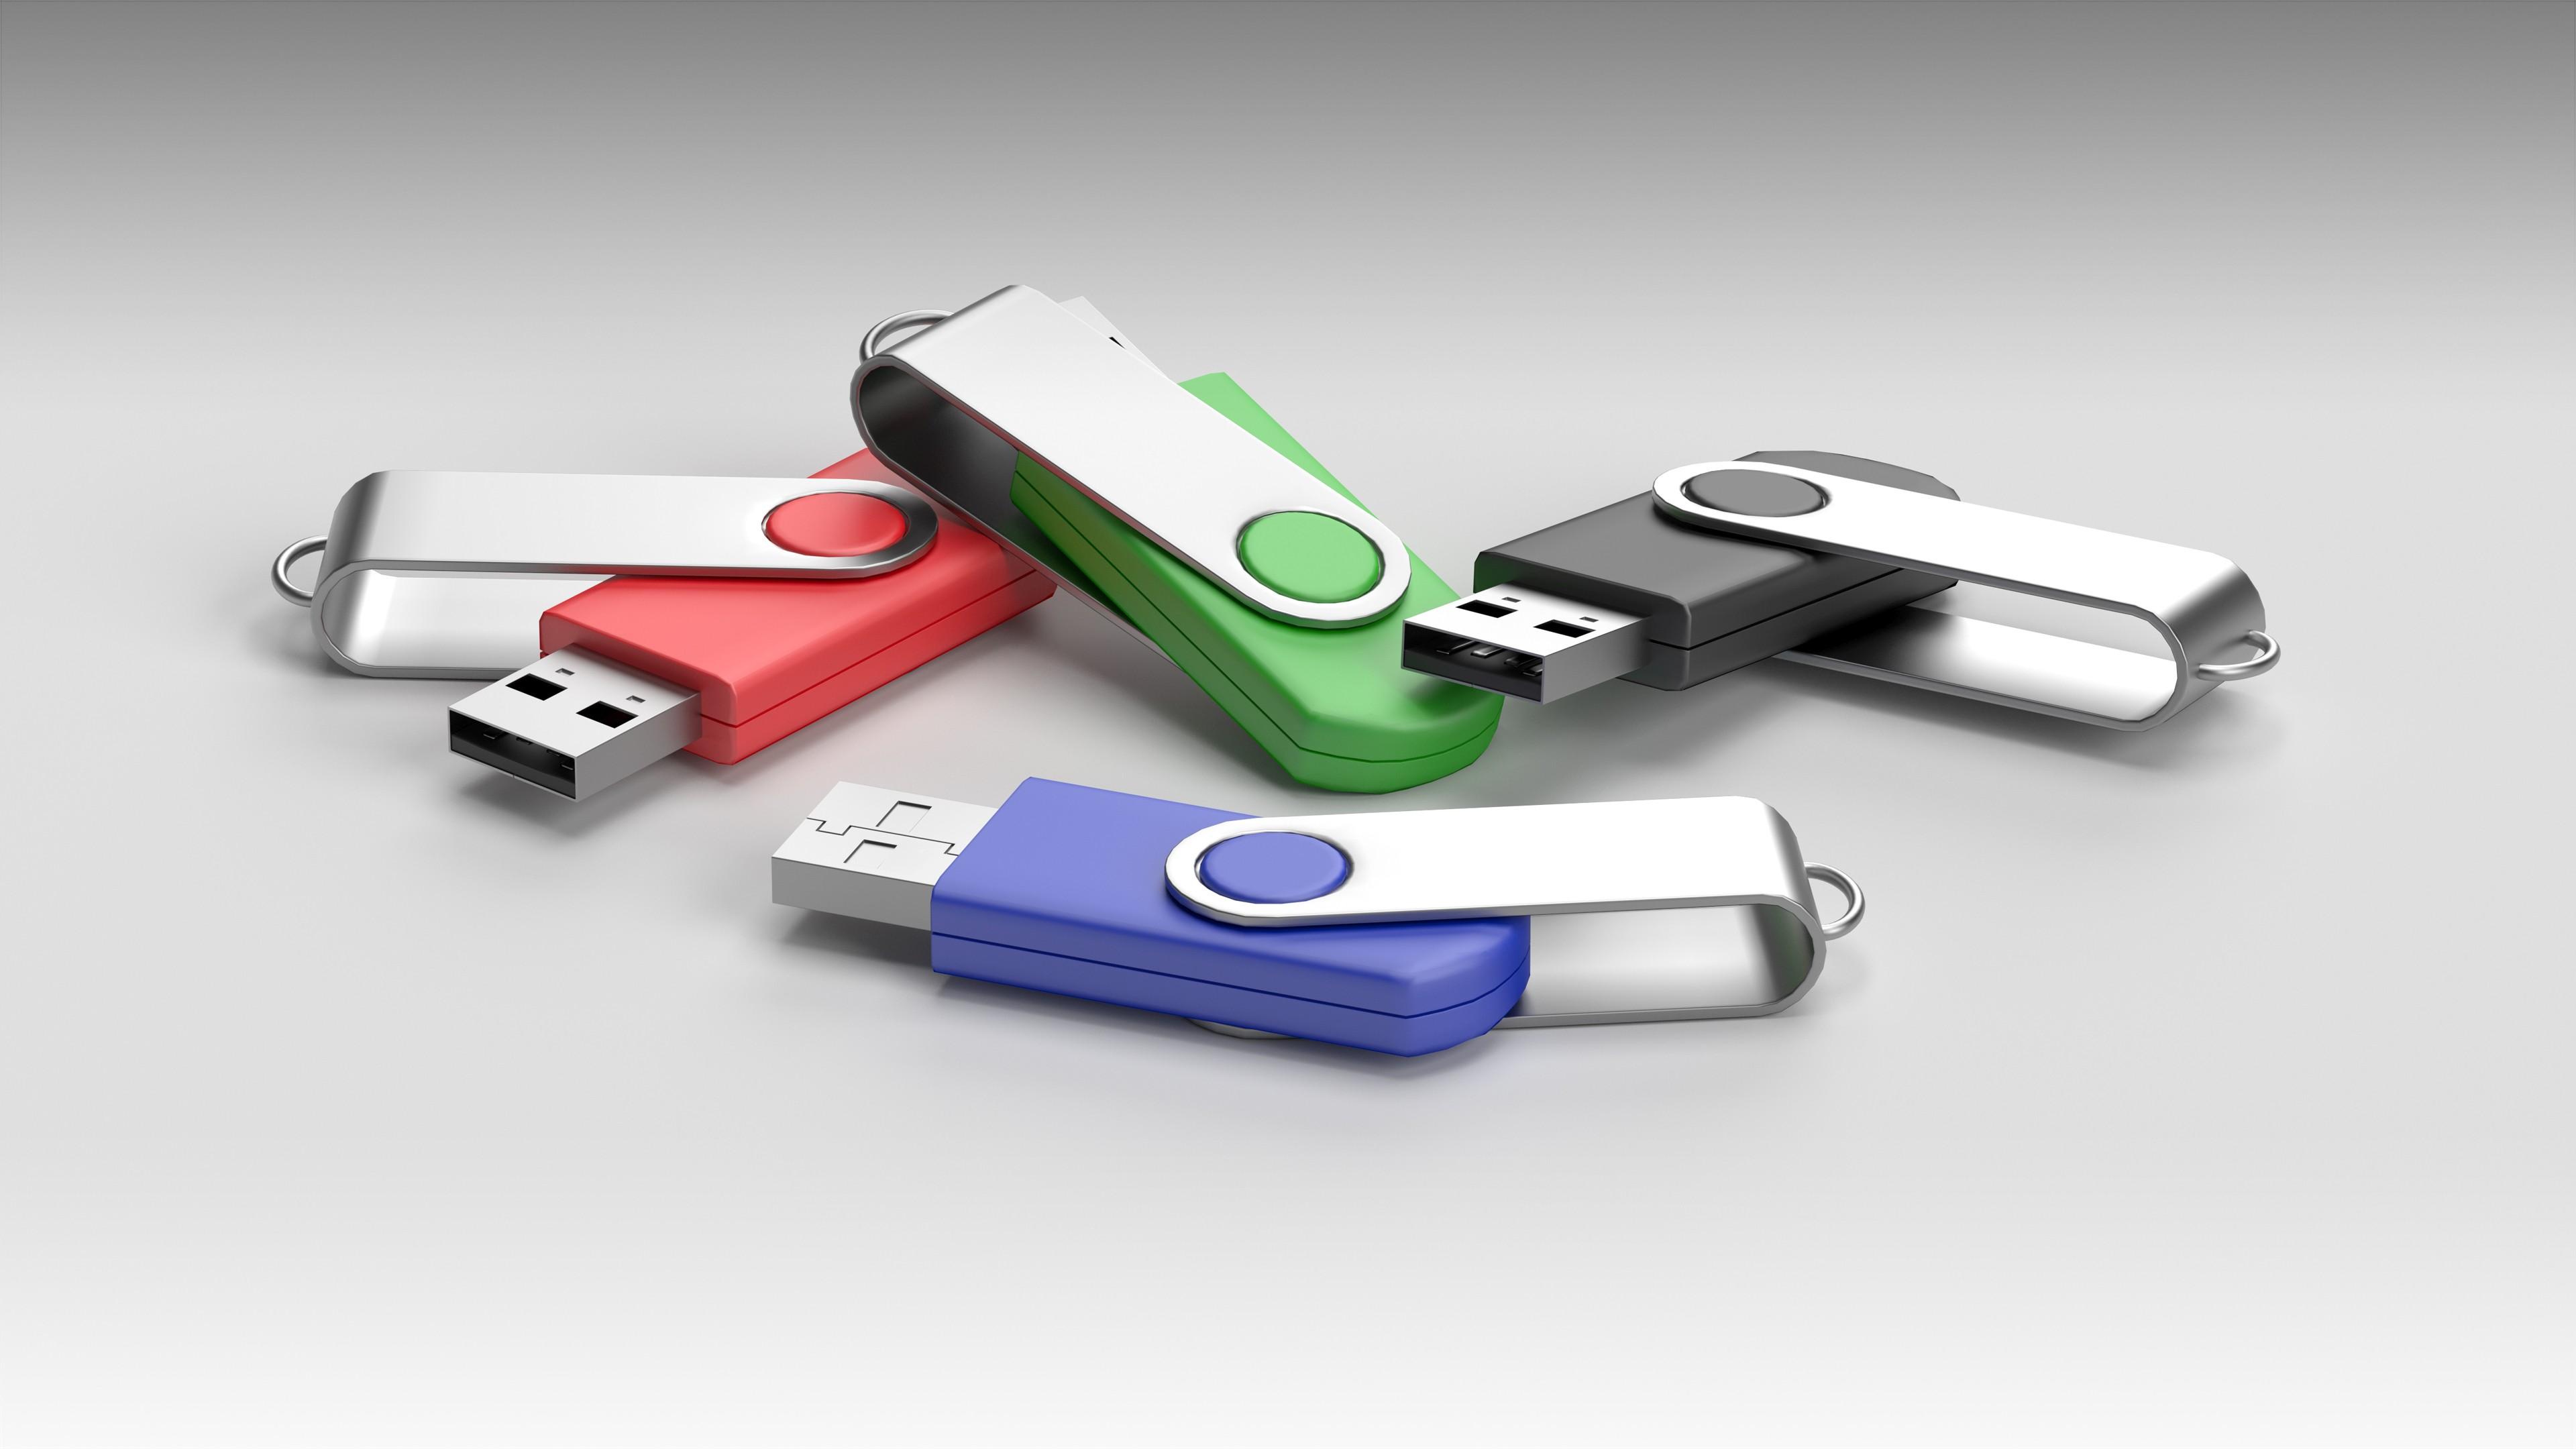 Billige USB-Sticks sind für industrielle und gewerbliche Zwecke ungeeignet. Bild: close-cut multimedia design